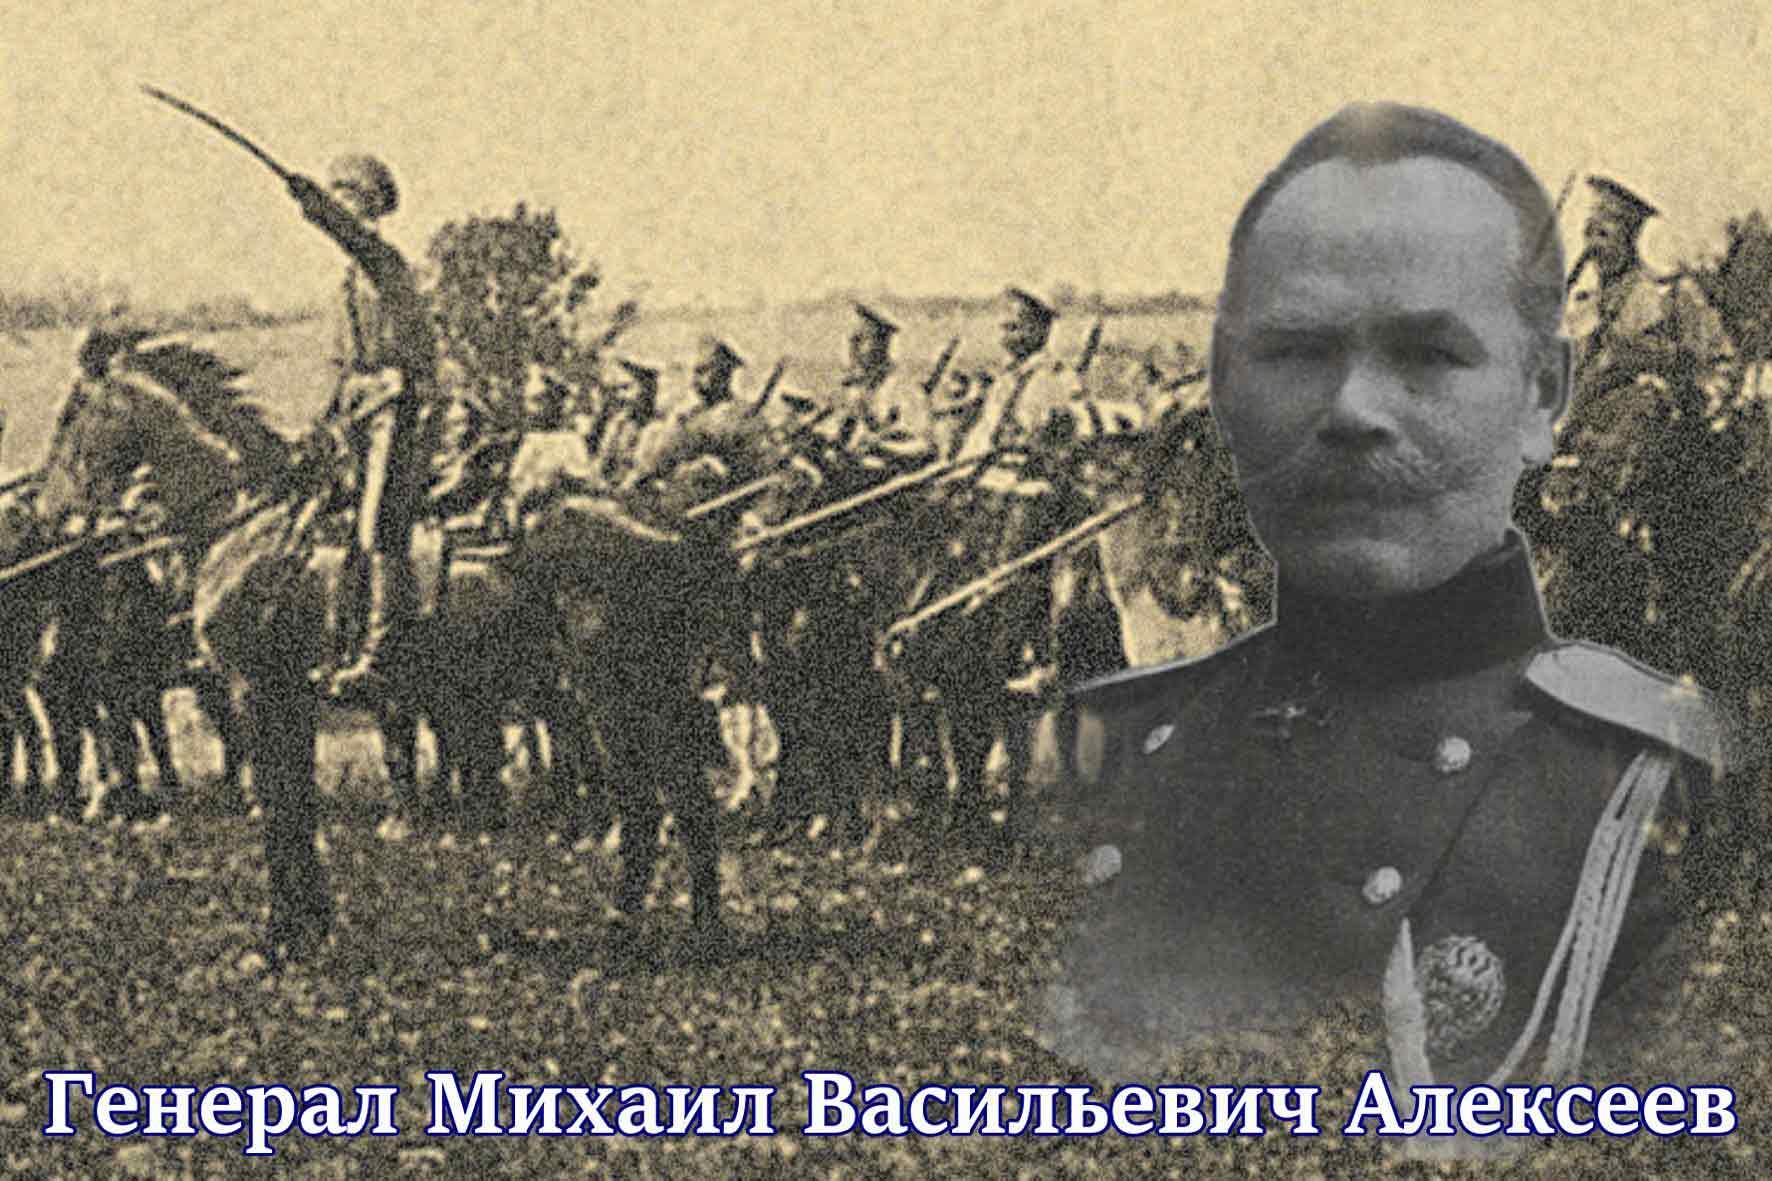 Генерал чести и долга Михаил Алексеев